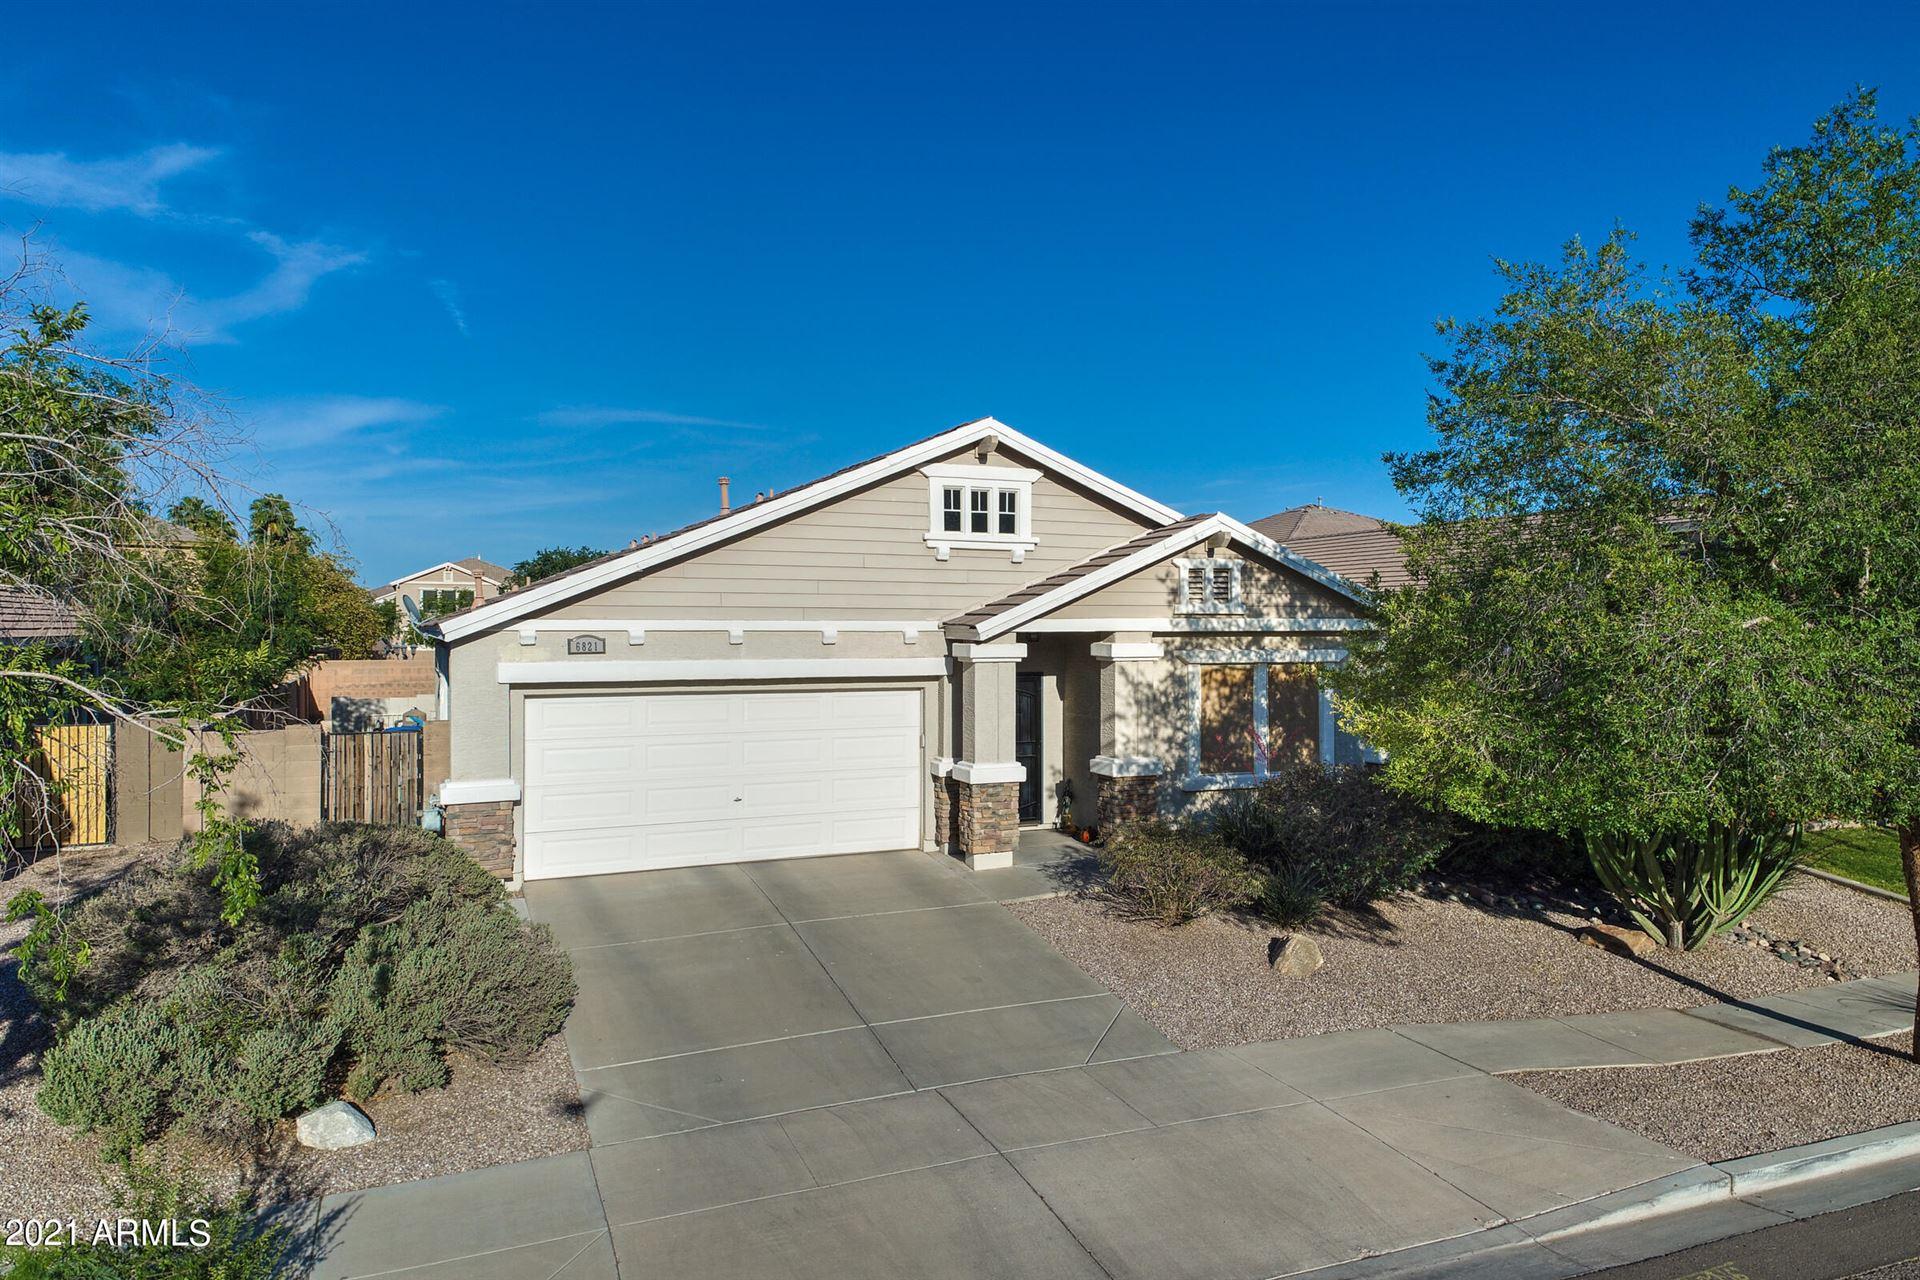 6821 S 40th Lane, Phoenix, AZ 85041 - MLS#: 6232465